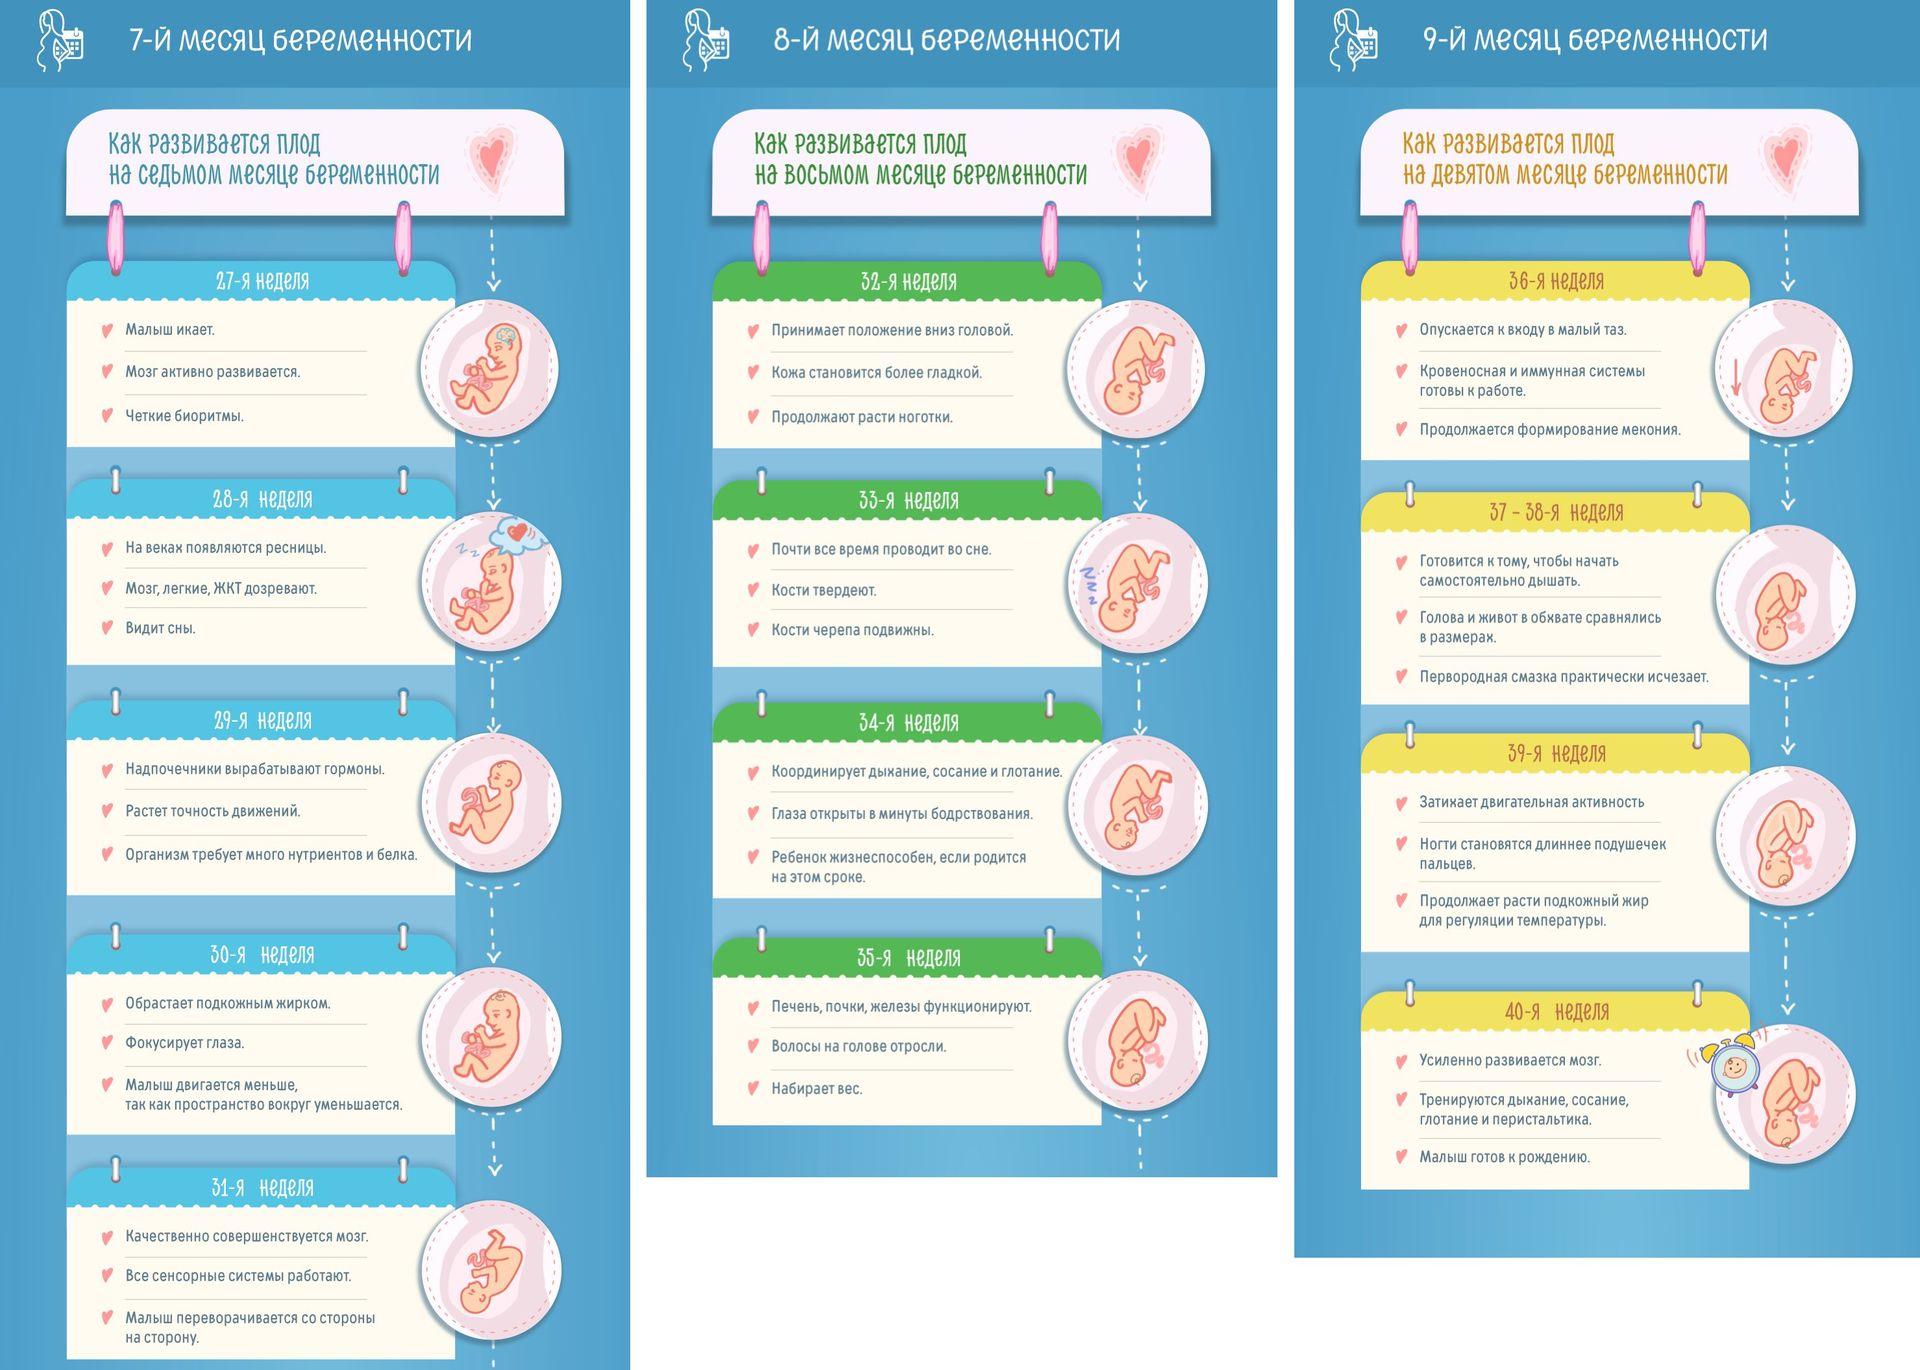 Инфографика развития плода по неделям с седьмого по девятый месяцы беременности